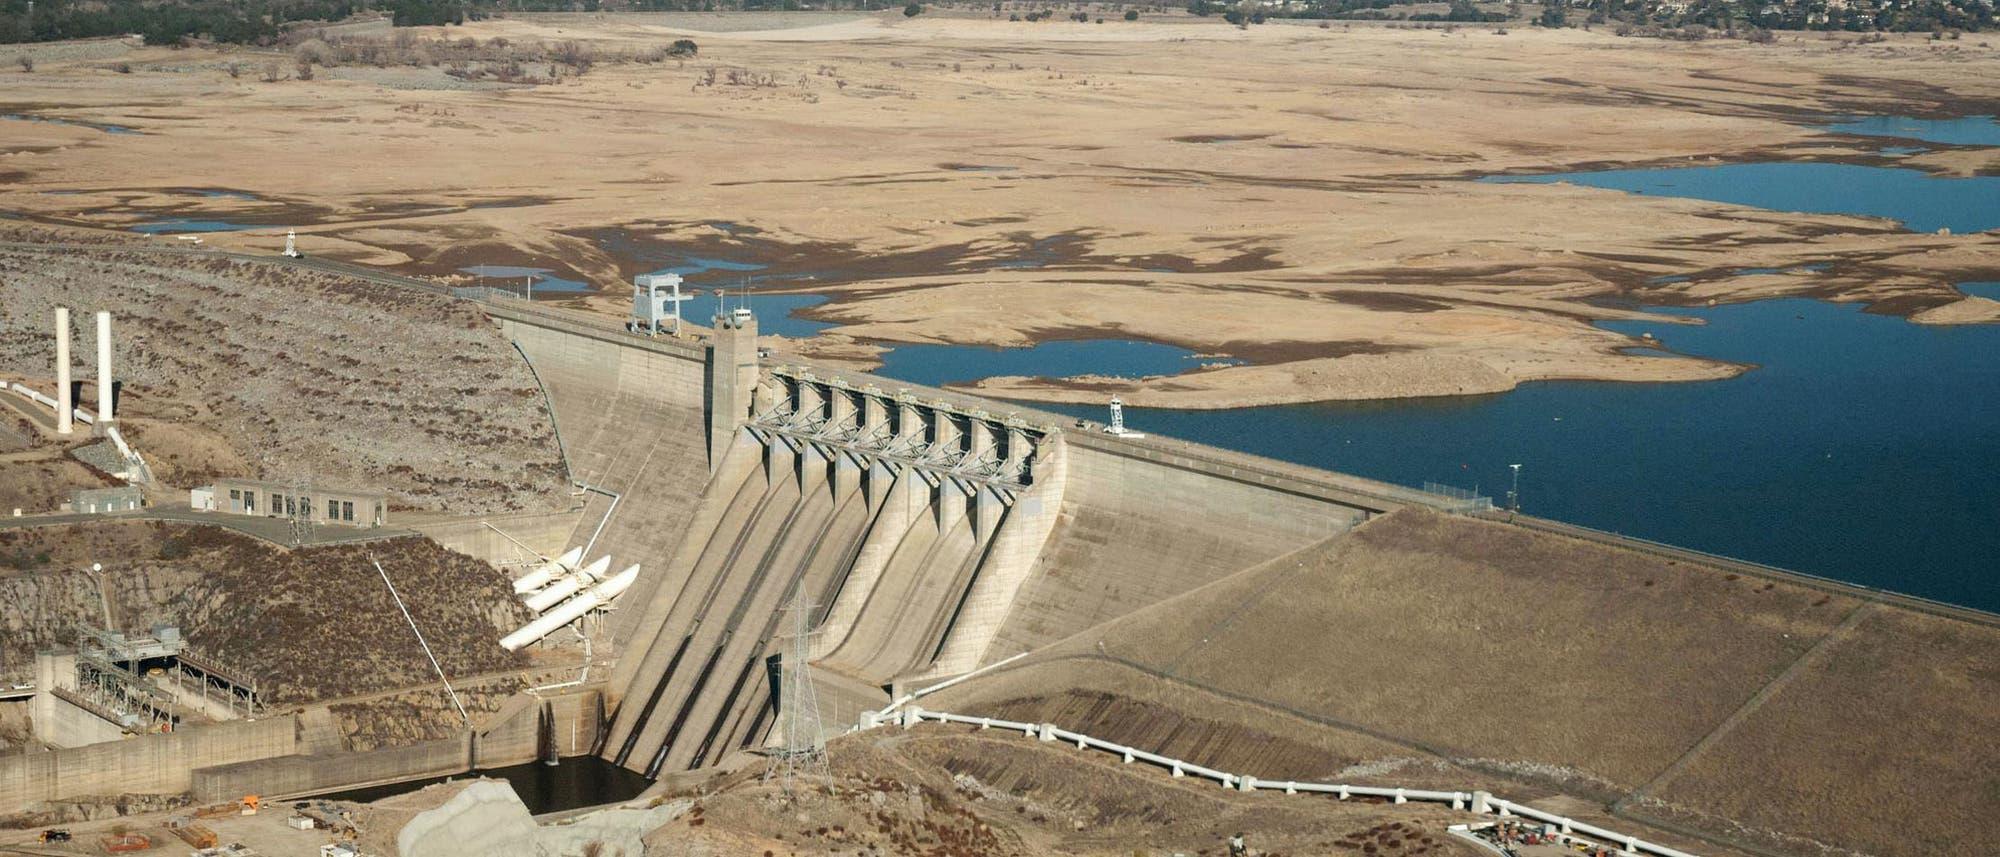 Wassermangel in einem kalifornischen Stausee